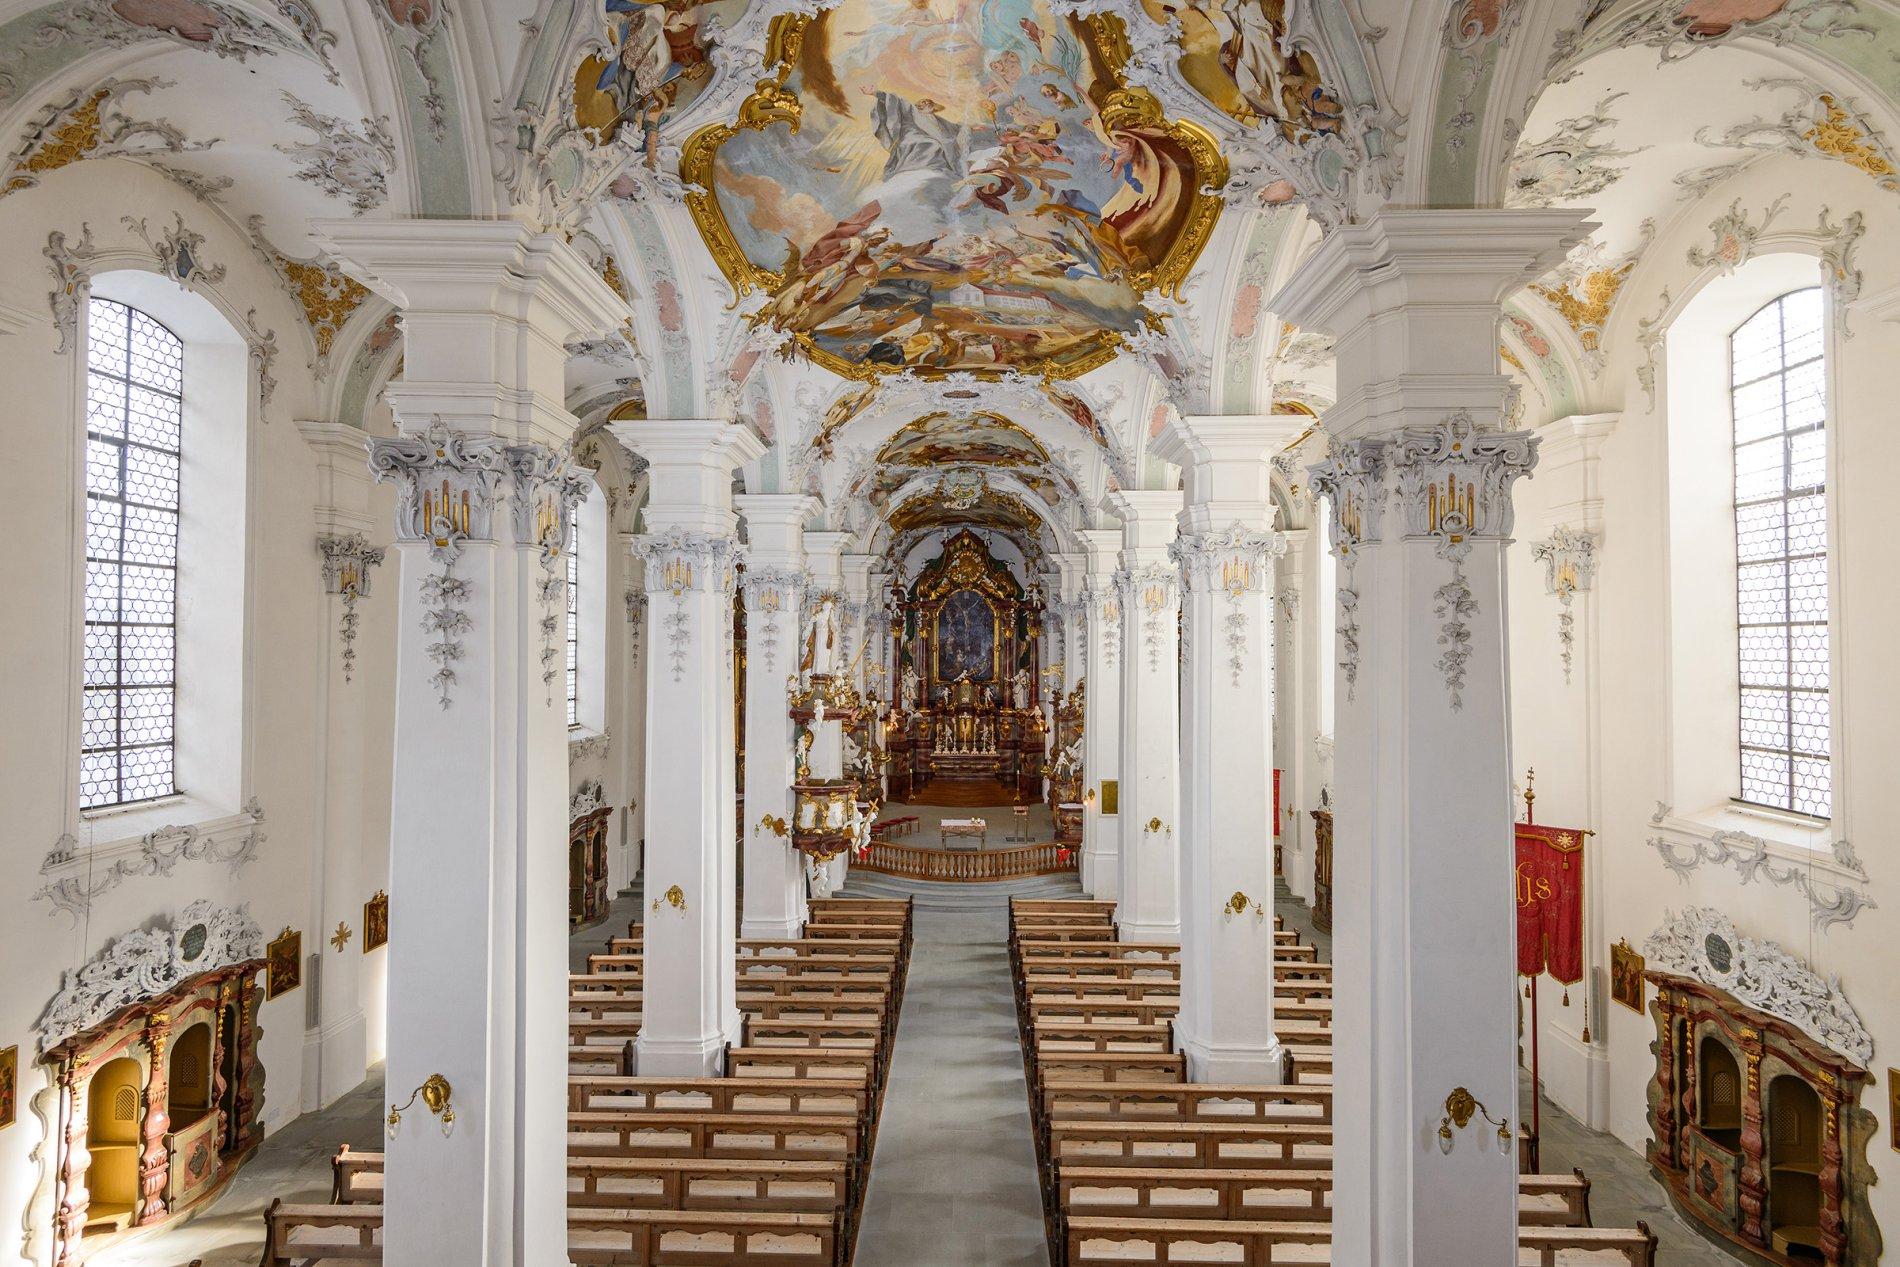 Innenraum mit Blick auf den Hochaltar in St. Georg und Jakobus